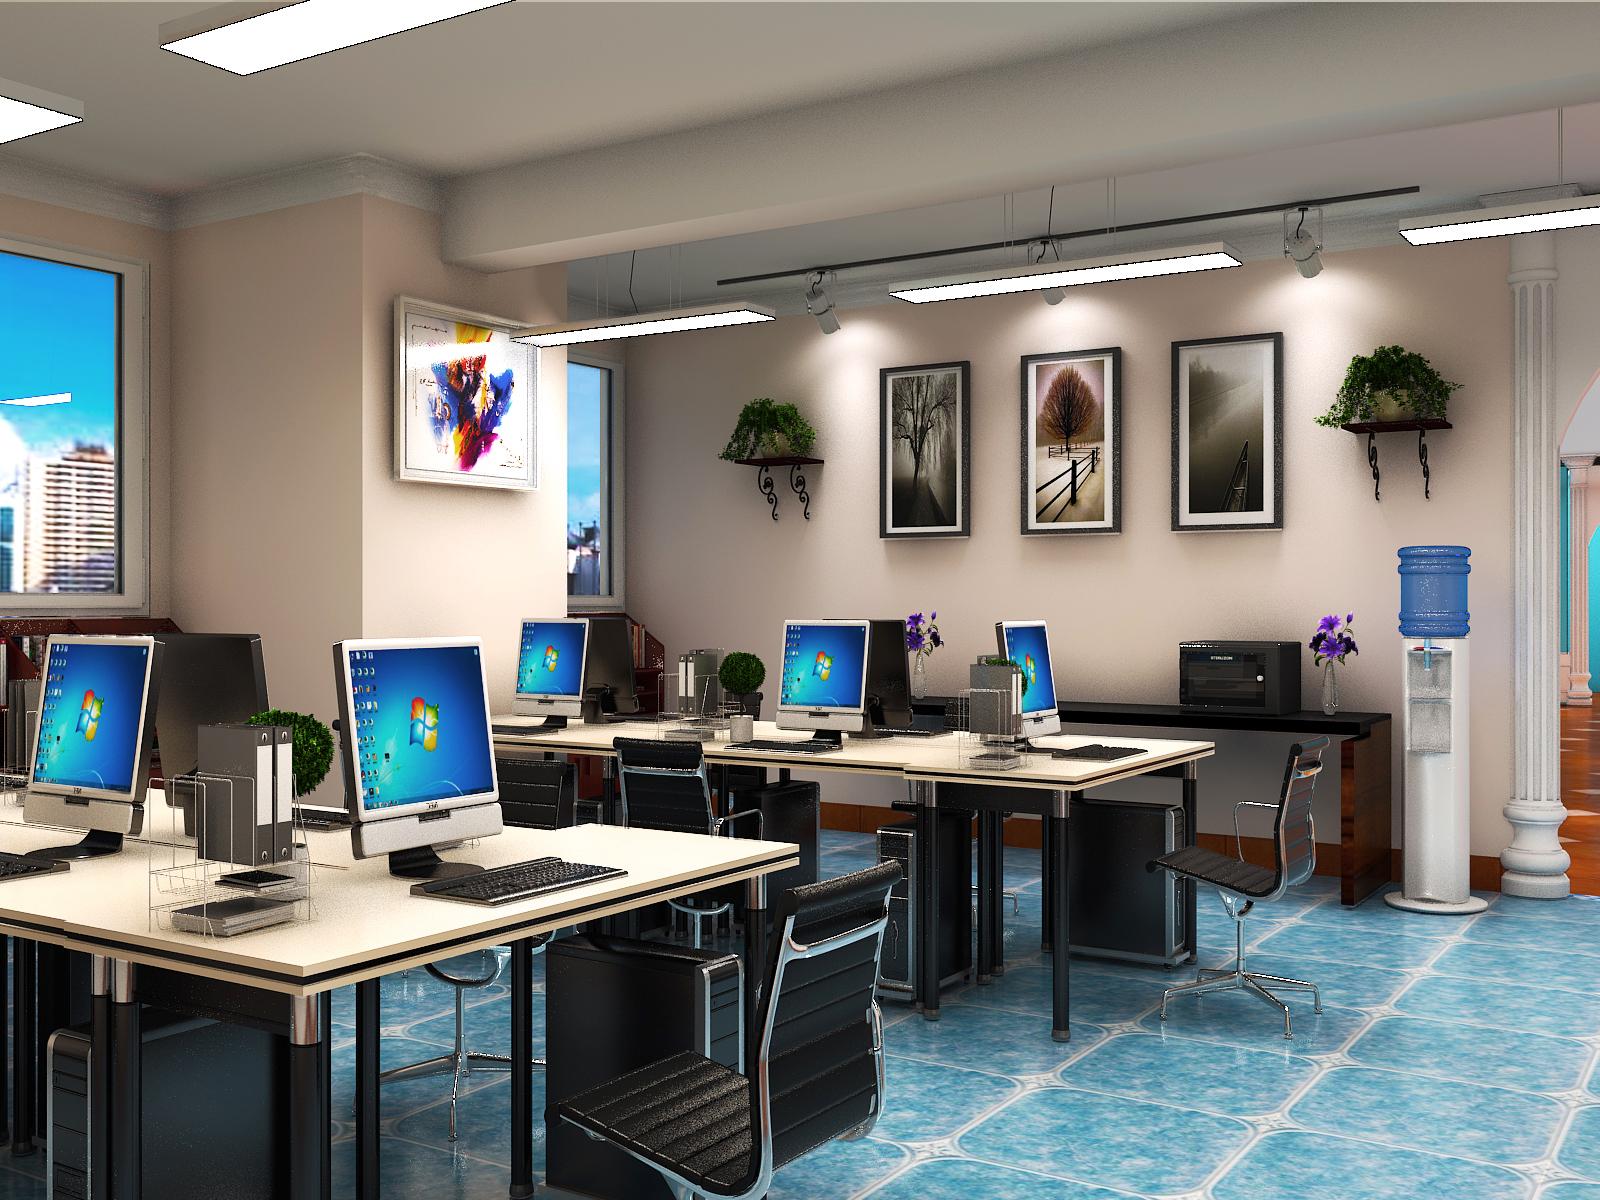 万达汉雅商贸现代风格办公室装修设计